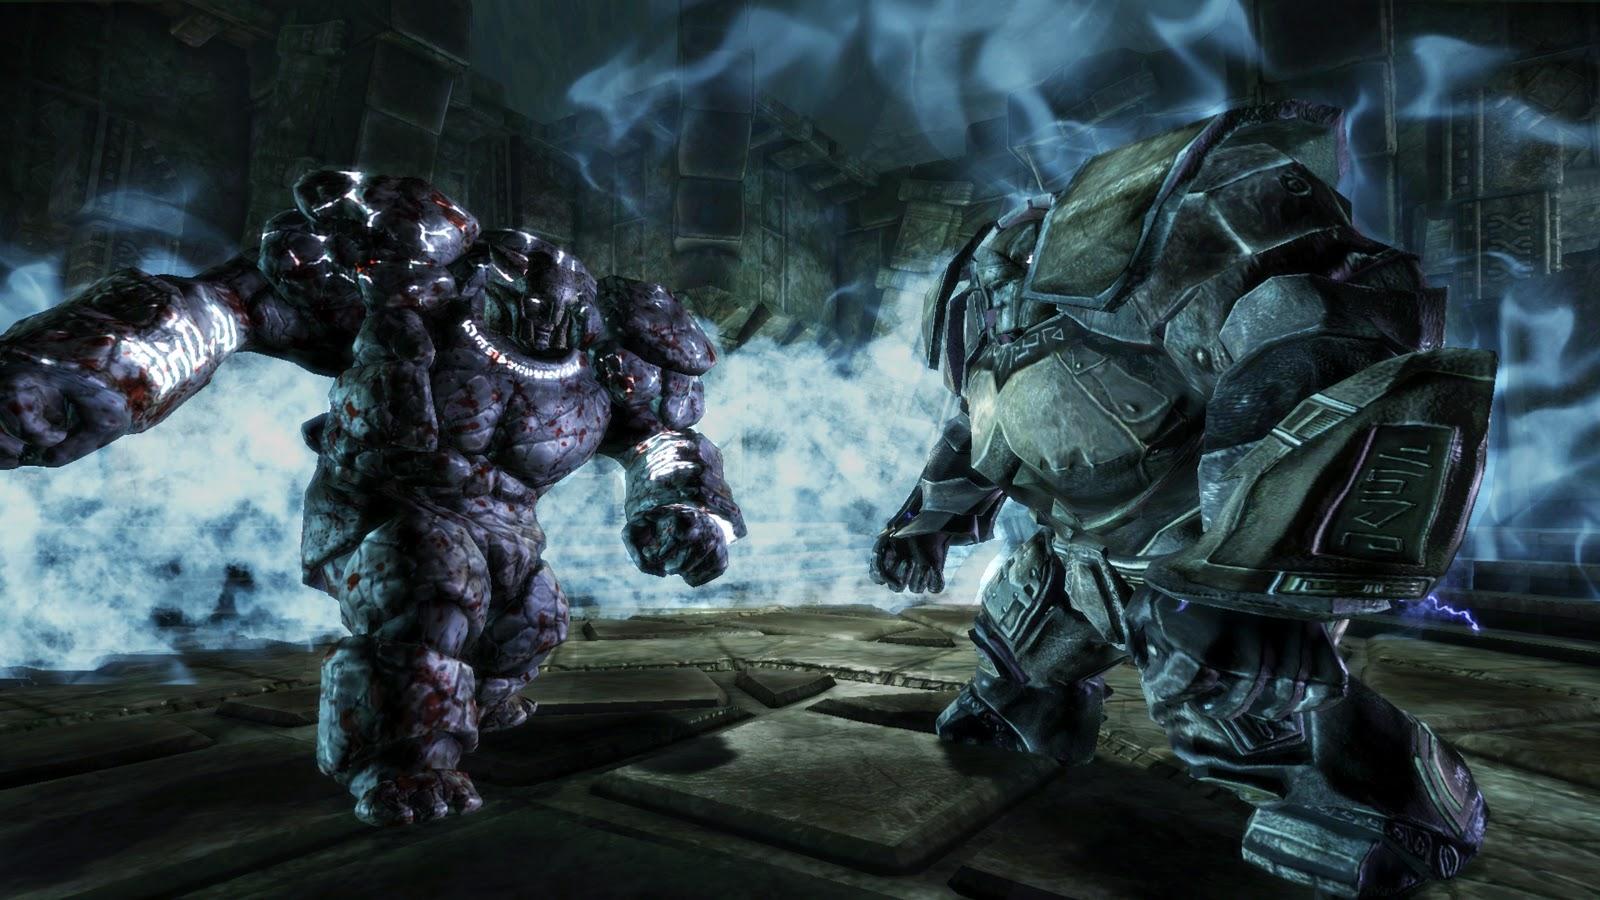 Dragon Age - Origins THUMB08.jpg